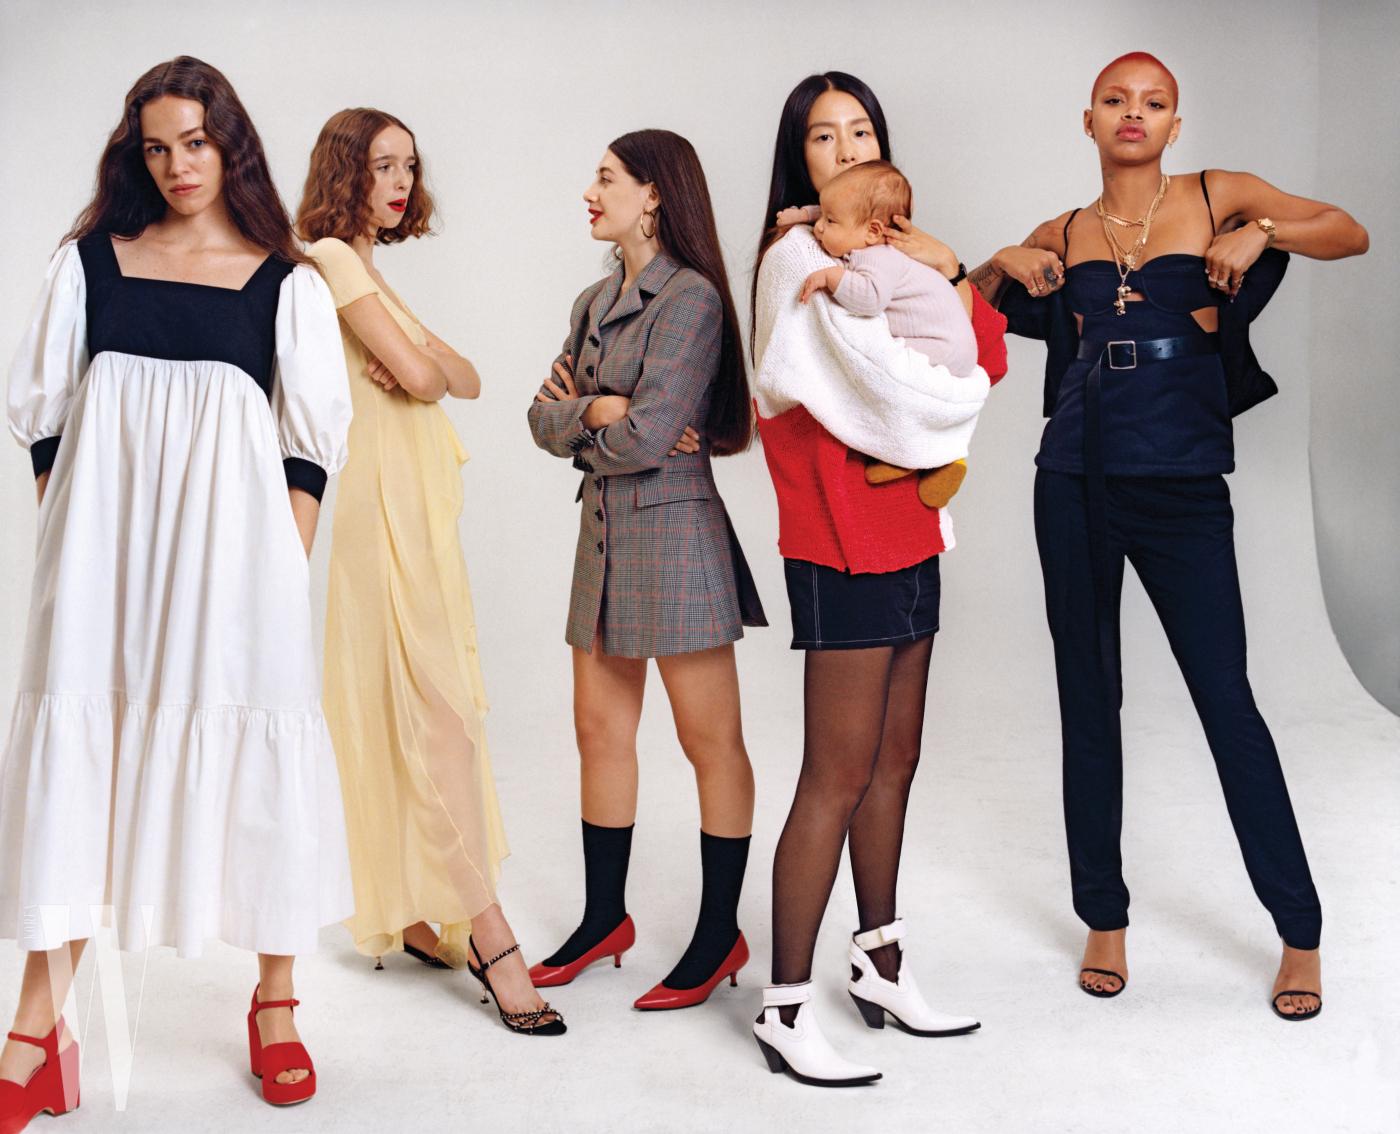 기자이자 배우, 그리고 모델인 헤일리 게이츠가 입은 드레스는 마리엄 나시르 자데, 빨간 웨지 신발은 샤넬 제품. 모델 올리비아 포르테가 입은 노란색 드레스는 시스 마잔, 신발은 미우미우 제품. 사진작가 사샤 알코세르가 입은 체크무늬 드레스는 매튜 애덤스 돌란, 양말은 팔케, 신발은 스튜어트 와이츠먼, 귀고리는 개인 소장품. 에크하우스 라타 쇼 당시 8개월째 임신 중이던 작가 마이아 루스 리가 입은 스웨터와 치마는 에크하우스 라타, 스타킹은 팔케, 부츠는 메종 마르지엘라, 시계는 개인 소장품. 모델 슬릭 우즈가 착용한 톱과 팬츠는 모두 헬무트 랭 by 셰인 올리버, 가죽 벨트는 알렉산더 매퀸, 신발은 스튜어트 와이츠먼, 액세서리는 모두 개인 소장품.